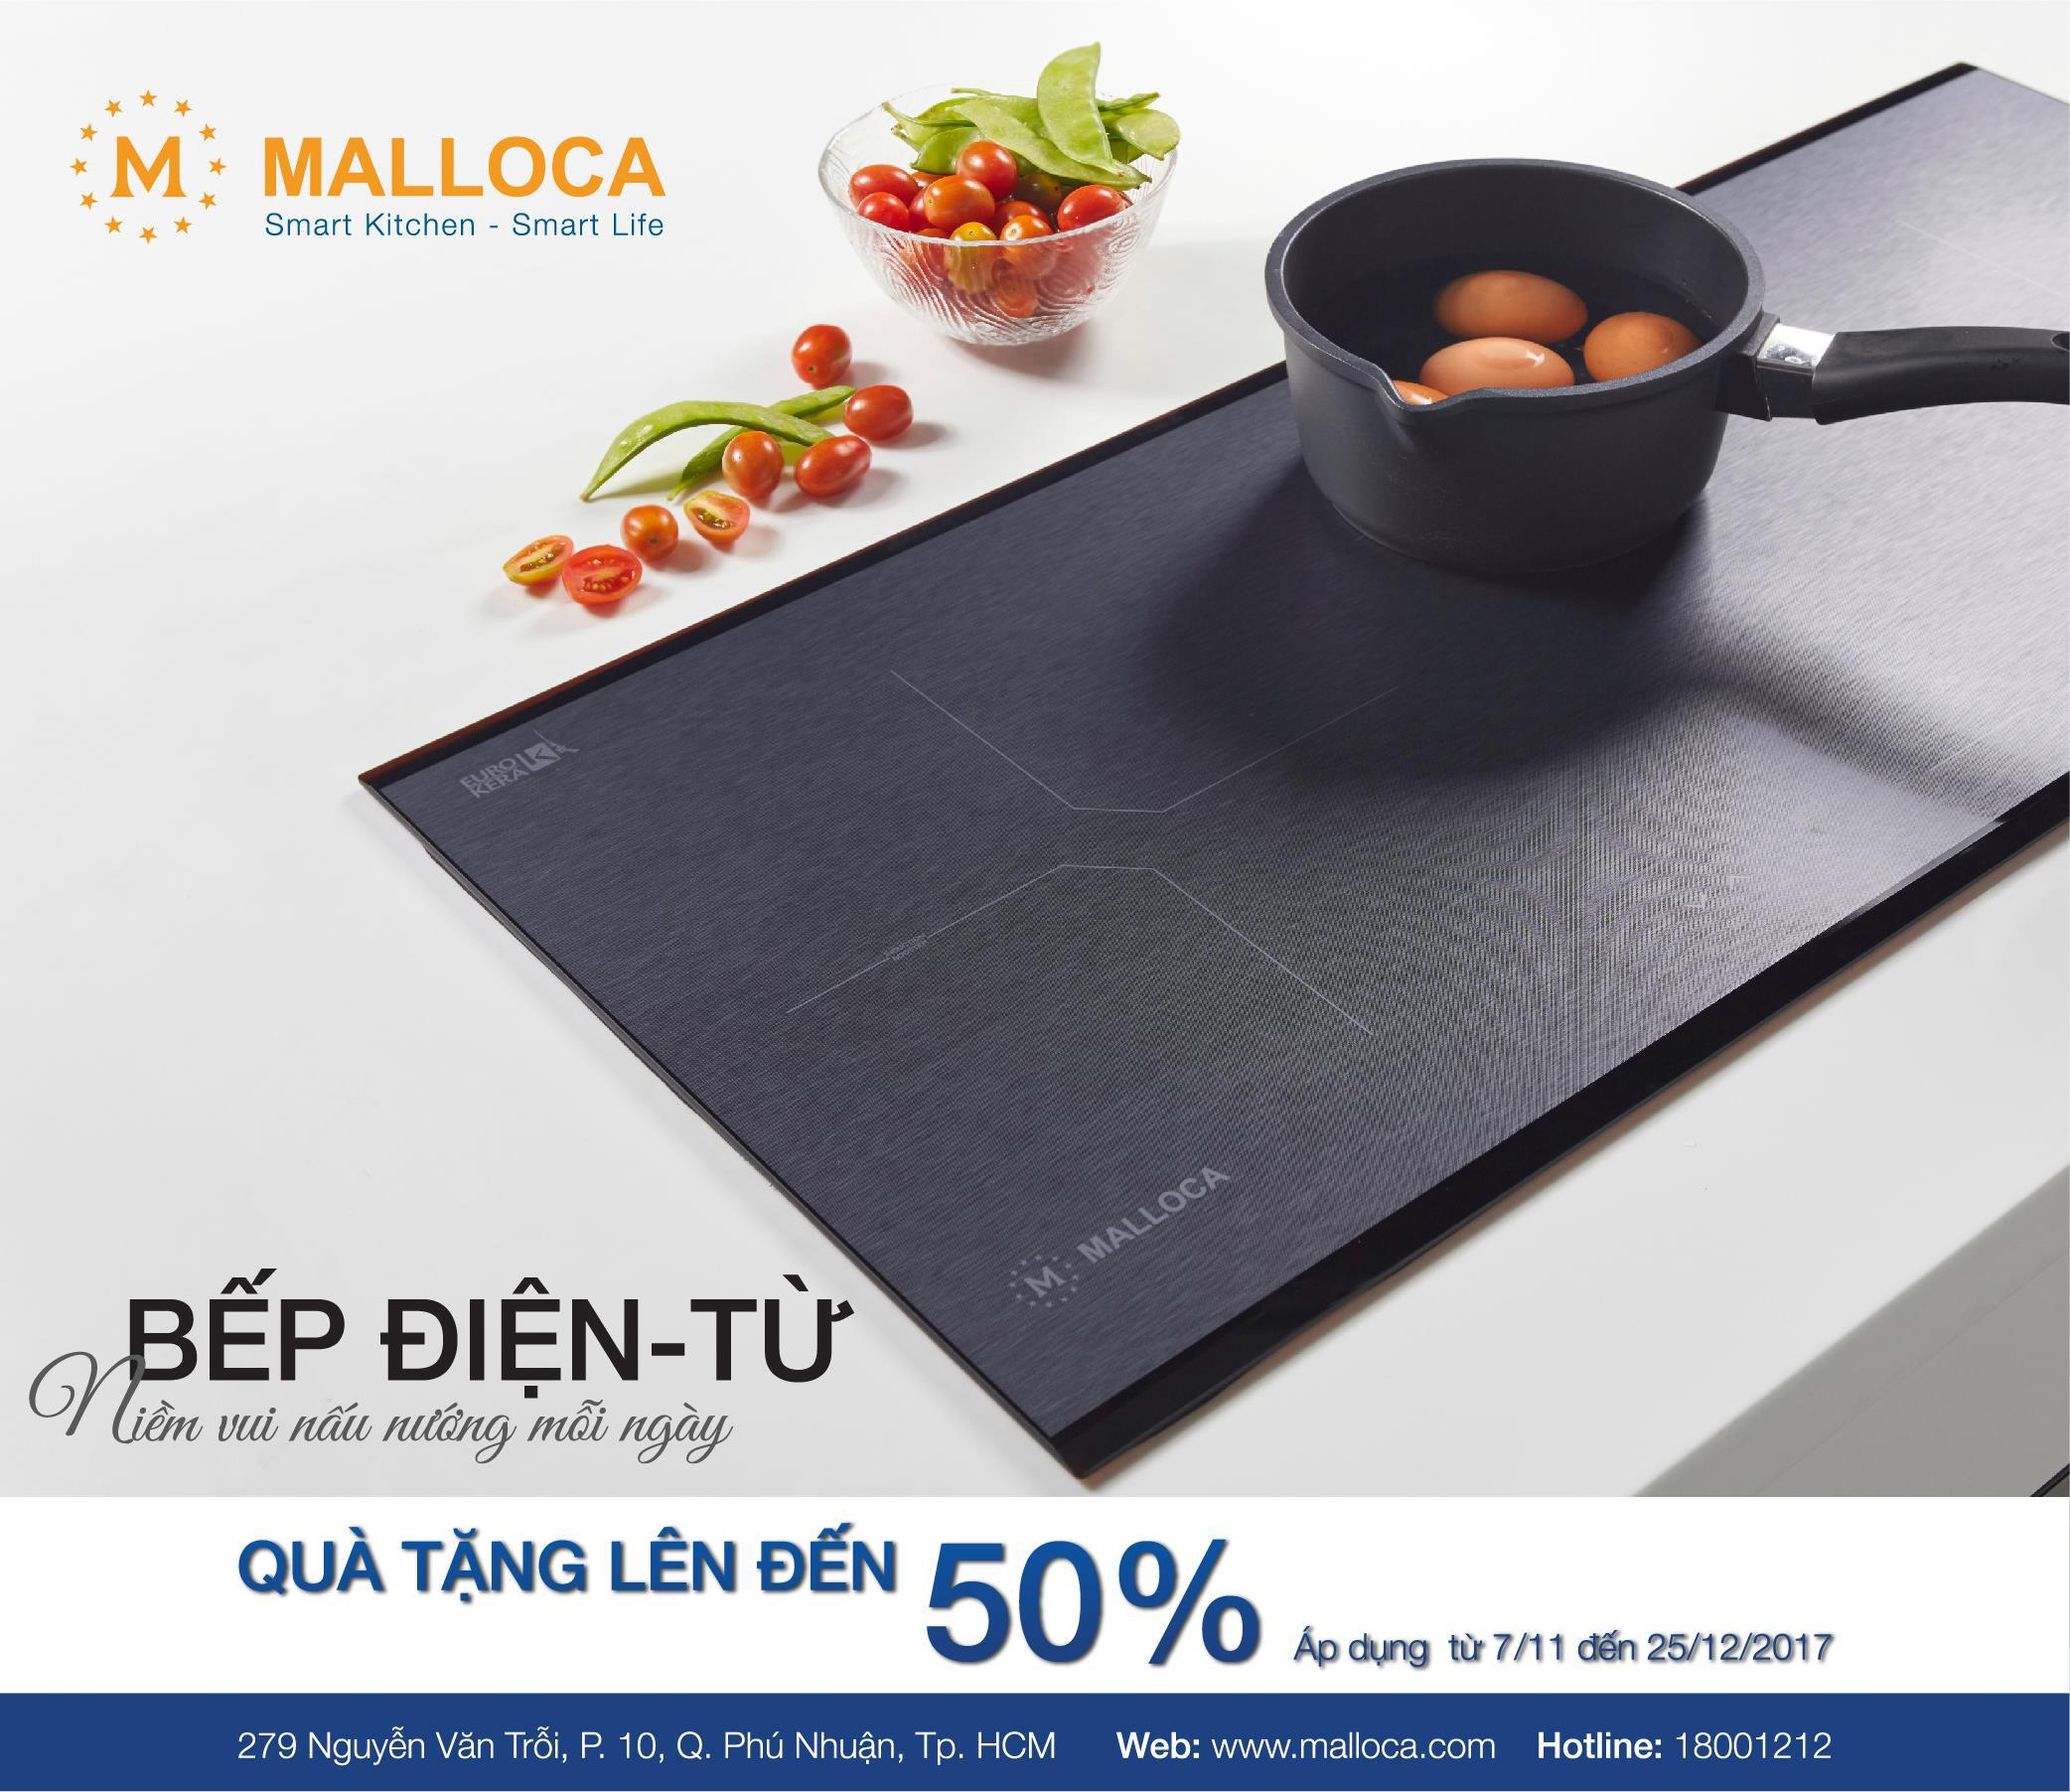 QUÀ TẶNG LÊN ĐẾN 50% CHO 500 SẢN PHẨM MALLOCA